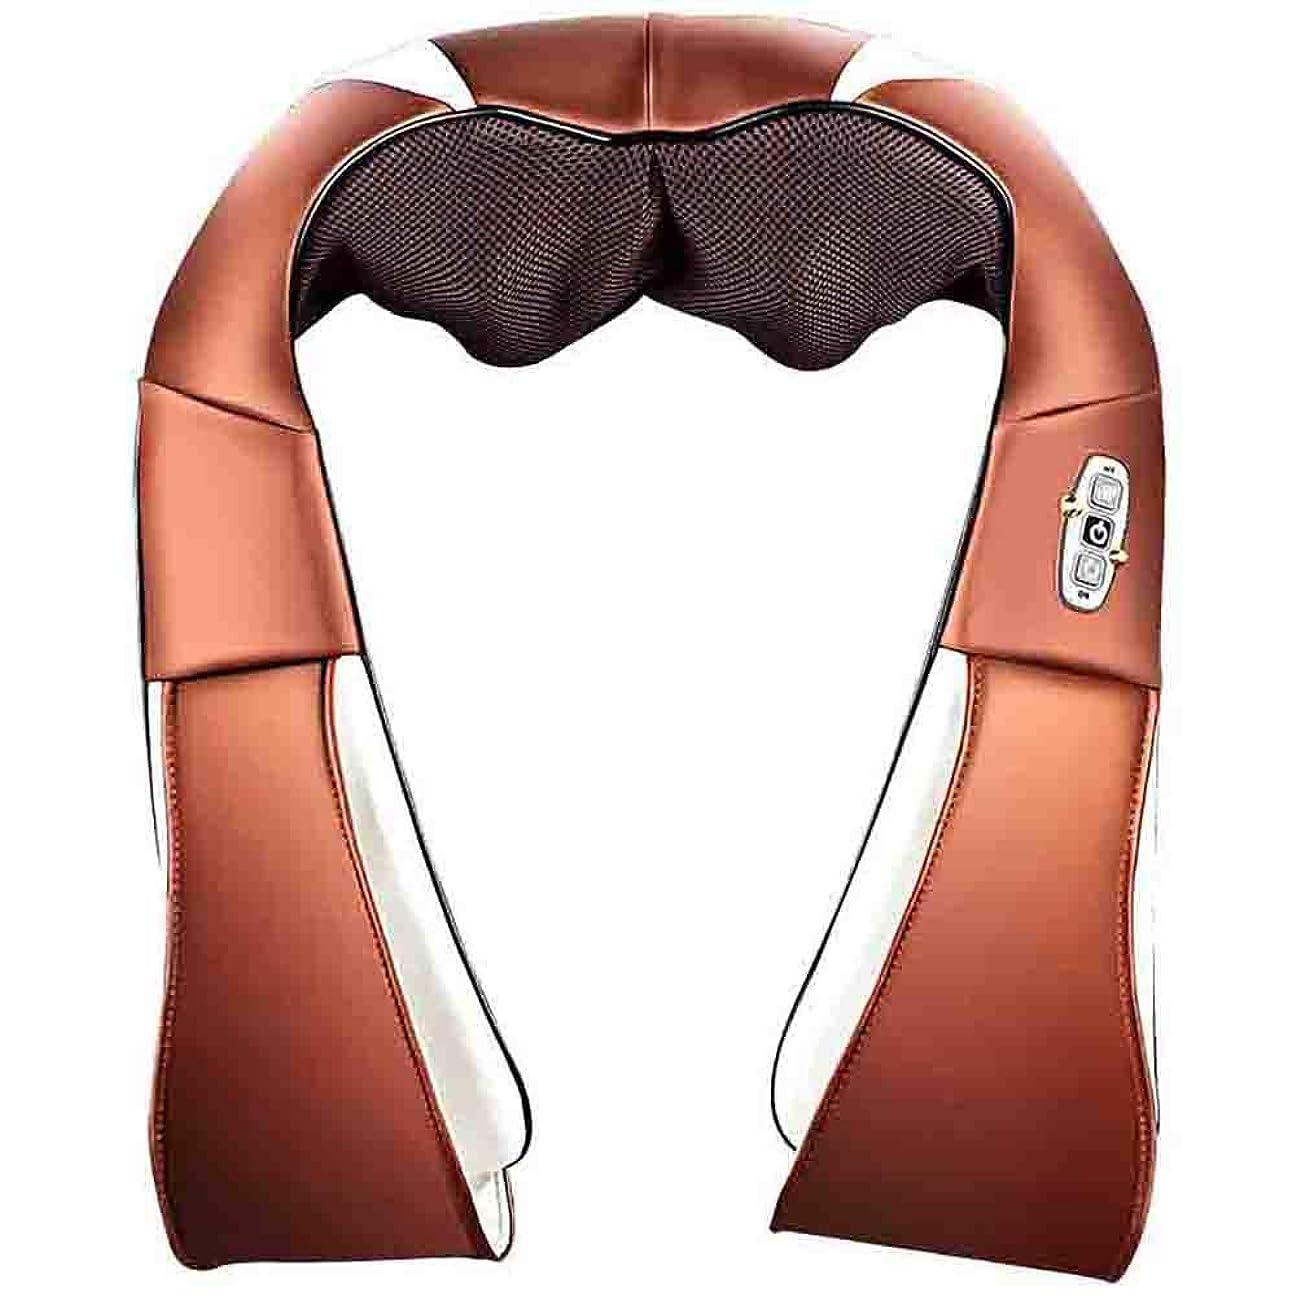 危険うがい薬魅力的指圧式の首の肩のマッサージャー、筋肉苦痛救助のための混練の深いティッシュのマッサージの枕と電気家庭用車で調節可能な強度を緩めて下さい